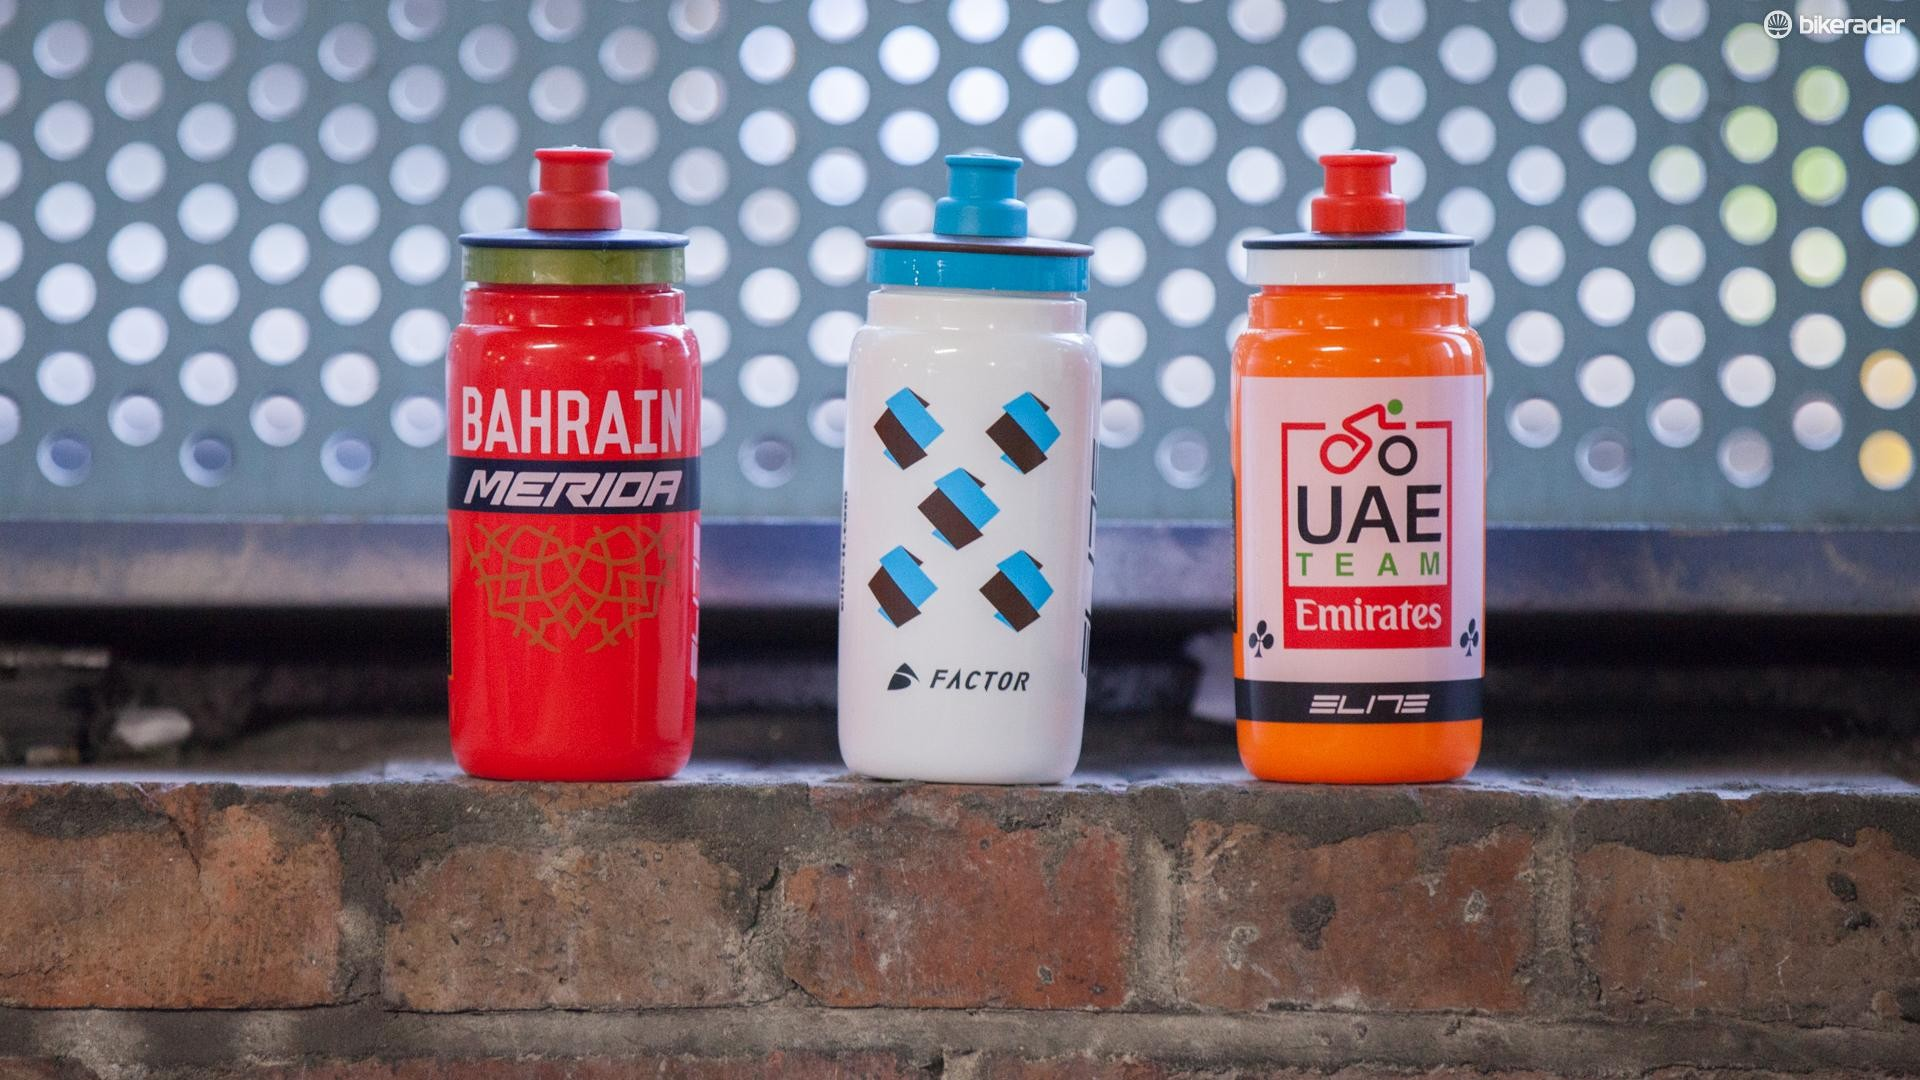 Elite Fly Team bottles